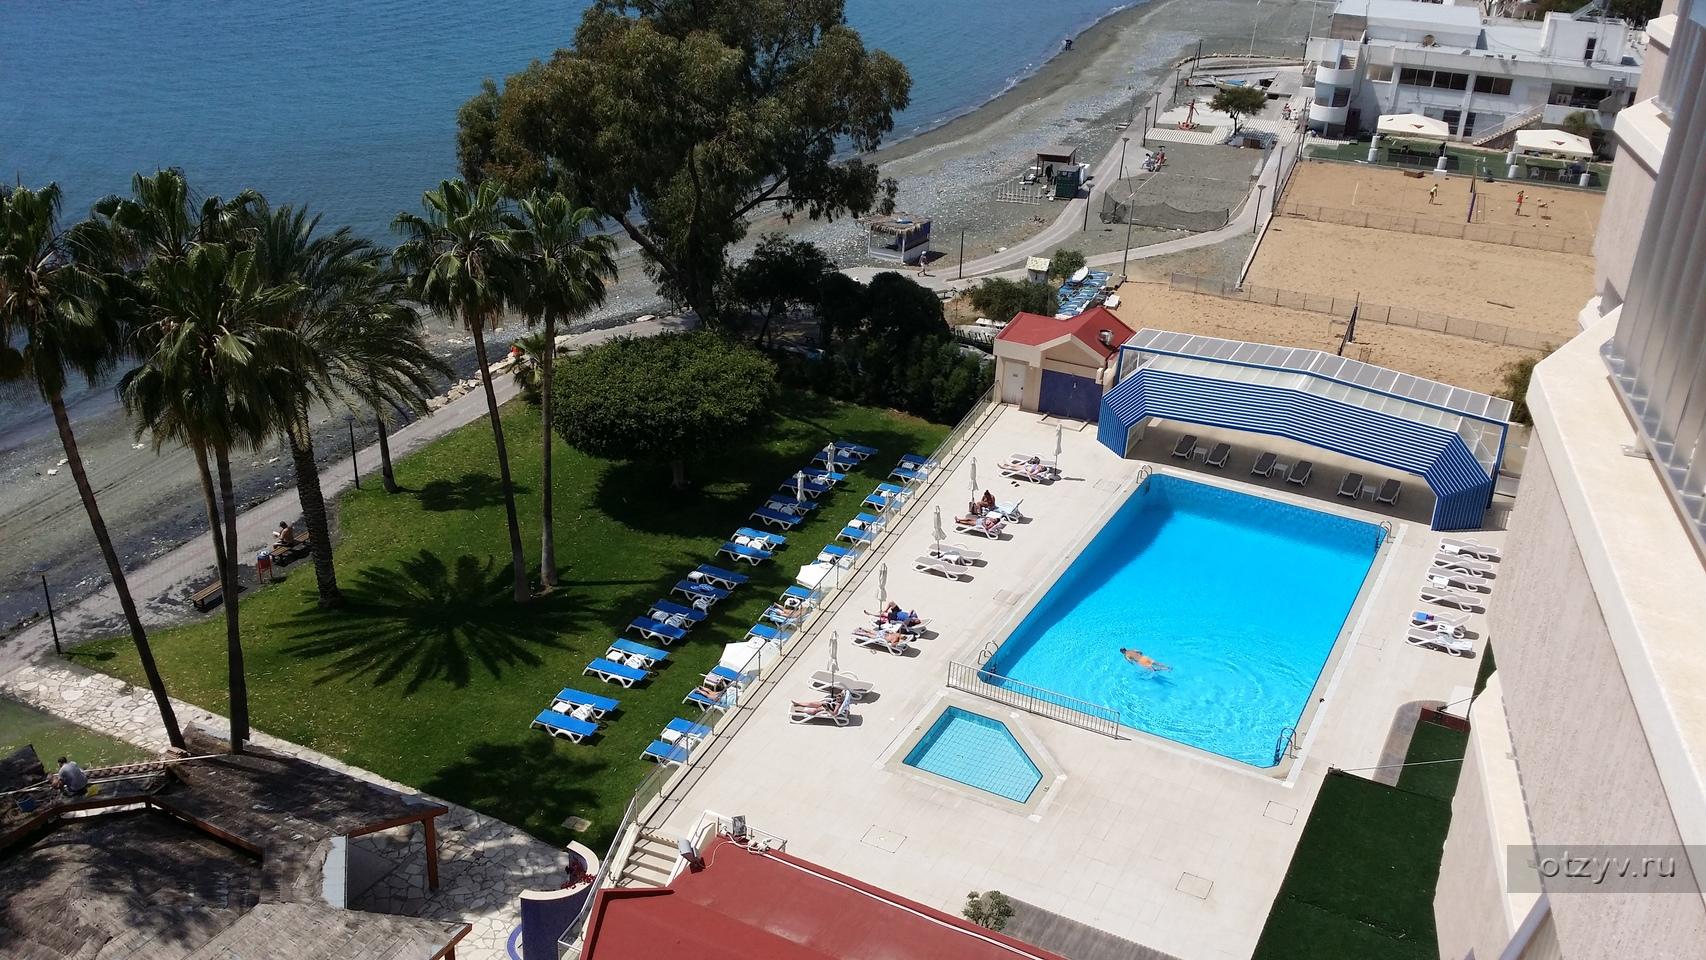 Лимассол отели beach